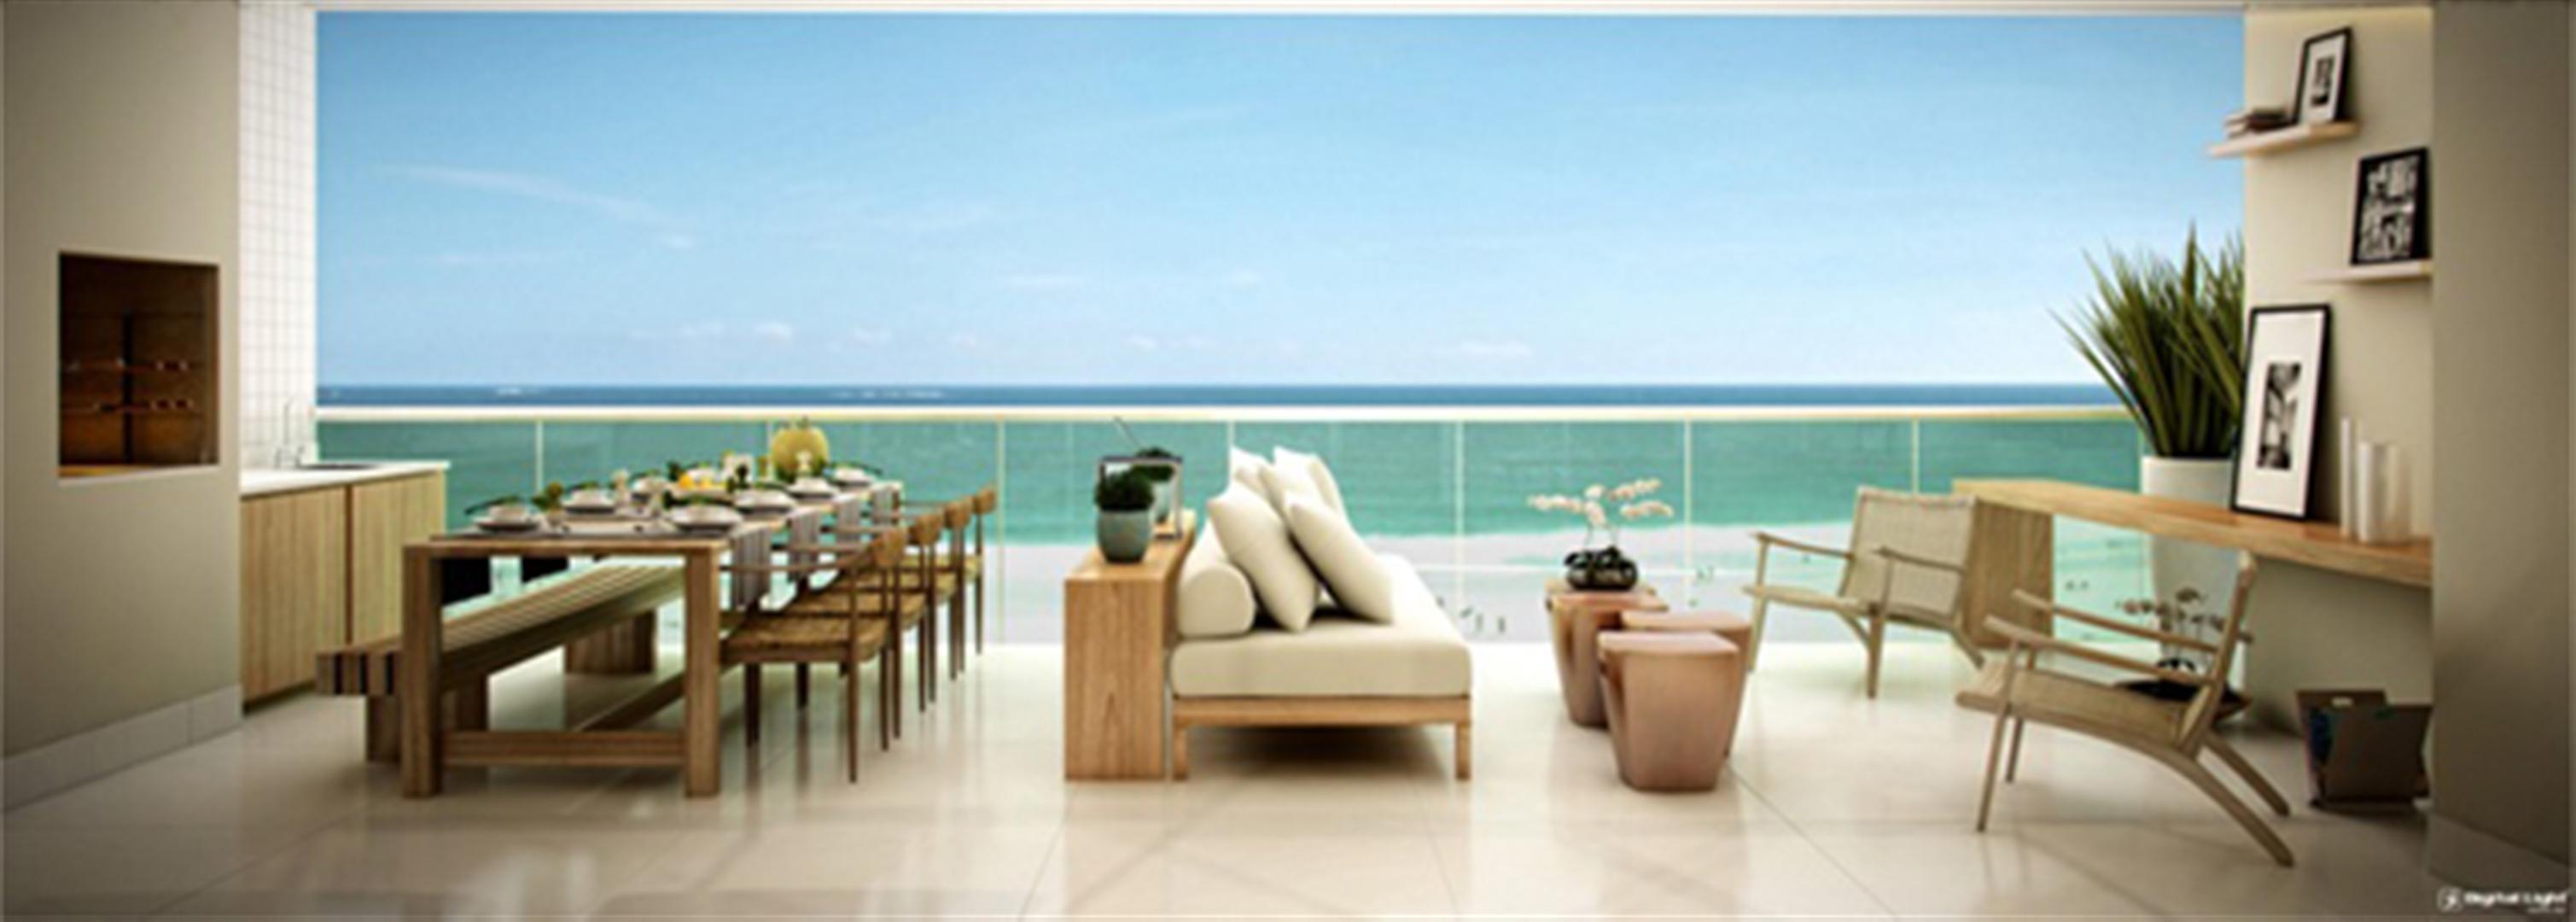 Varanda | Infinity Areia Preta – Apartamentona  Areia Preta - Natal - Rio Grande do Norte